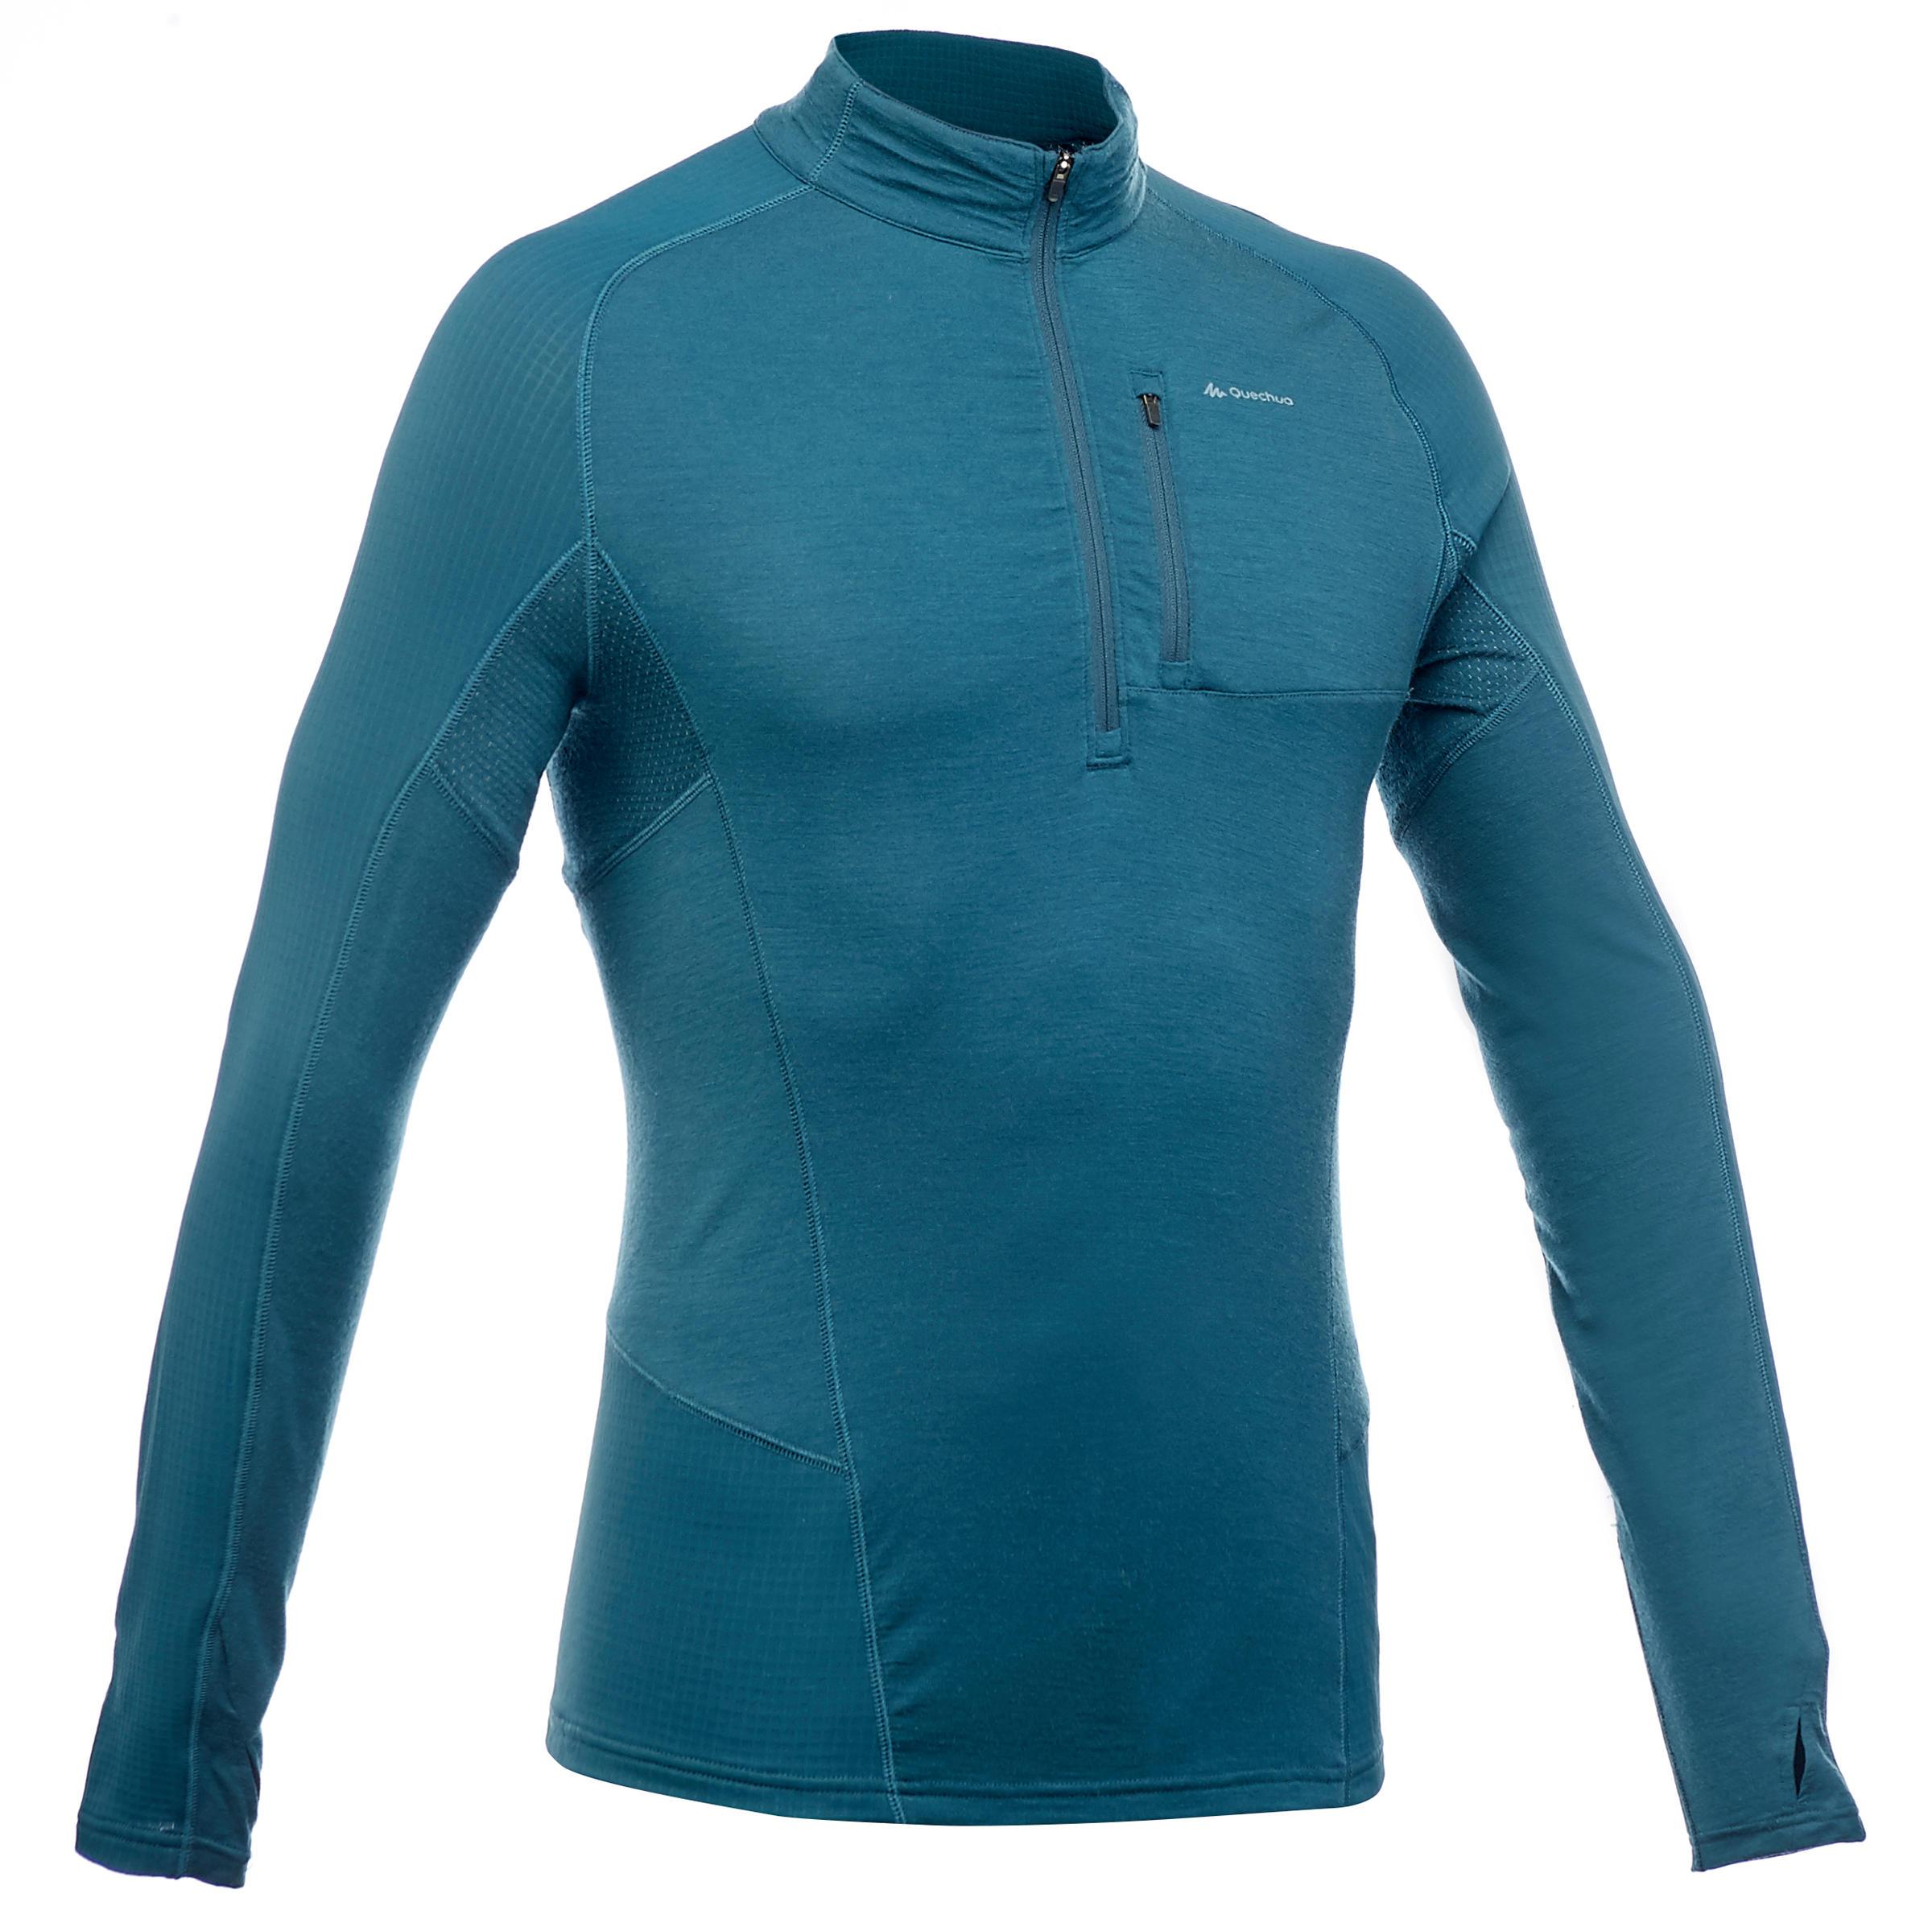 T-shirt manches longues randonnée montagne TREK 900 wool homme bleu